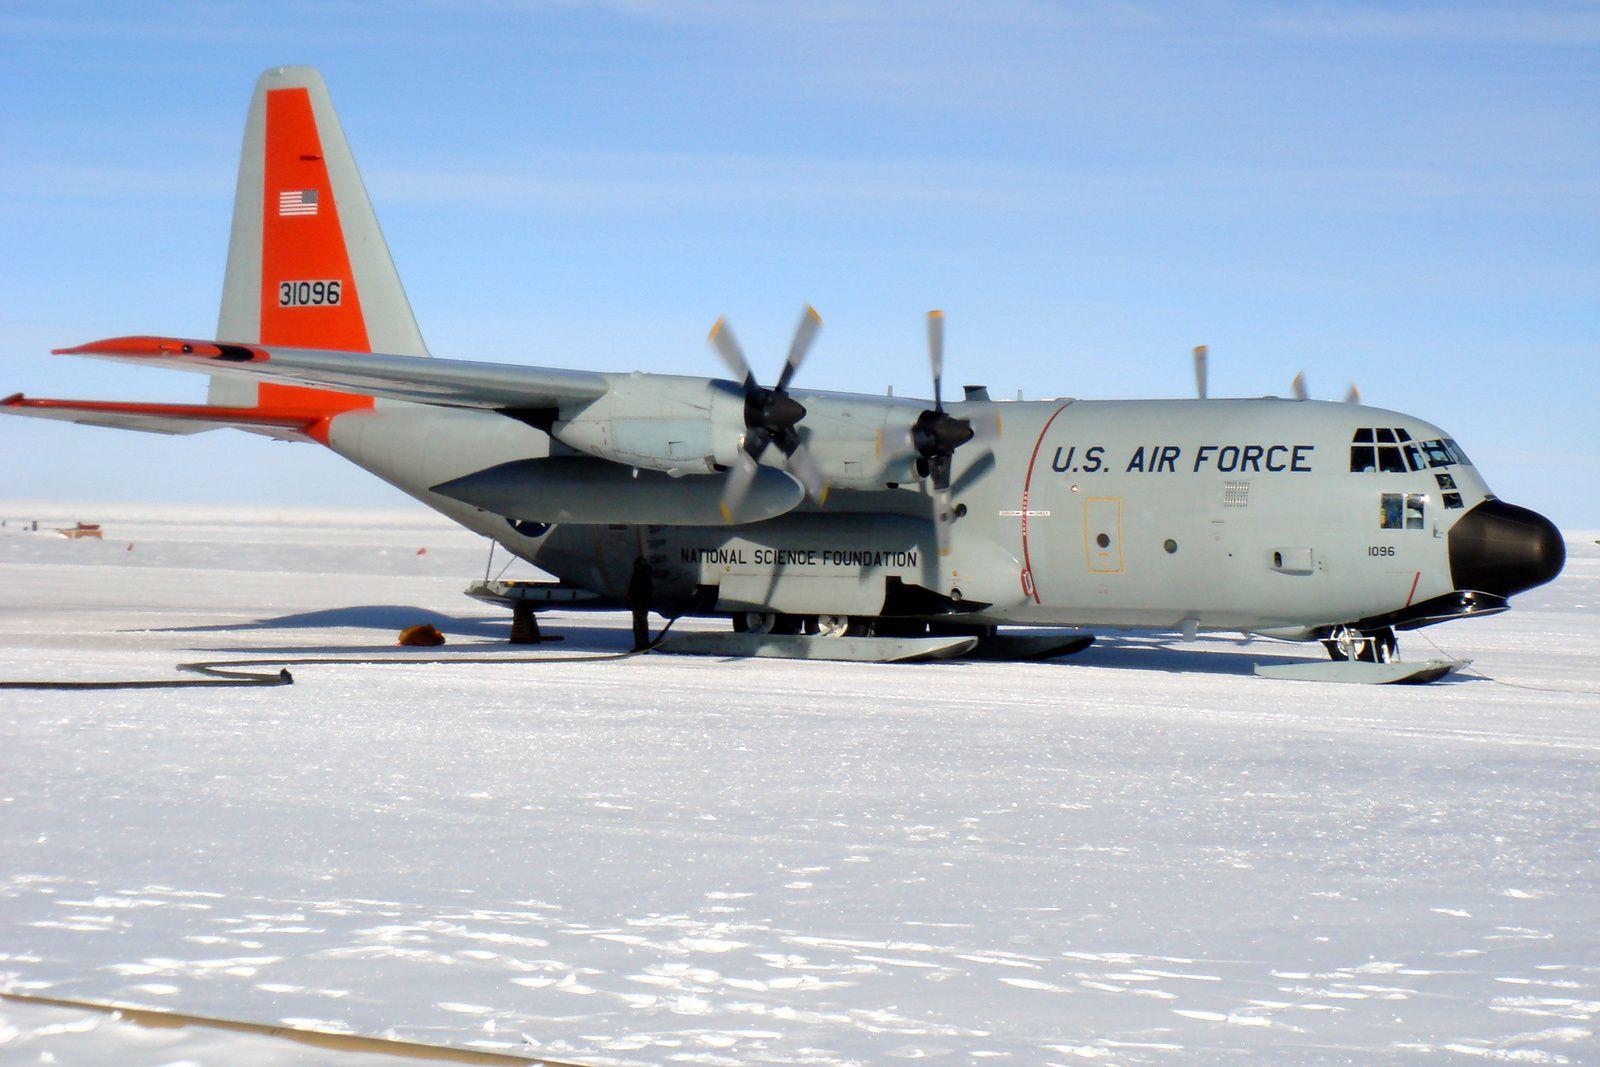 © Anthony Gibson, National Science Foundation : Les Hercule sont particulièrement utiles au Pole Sud pour le ravitaillement des différentes bases de recherches.